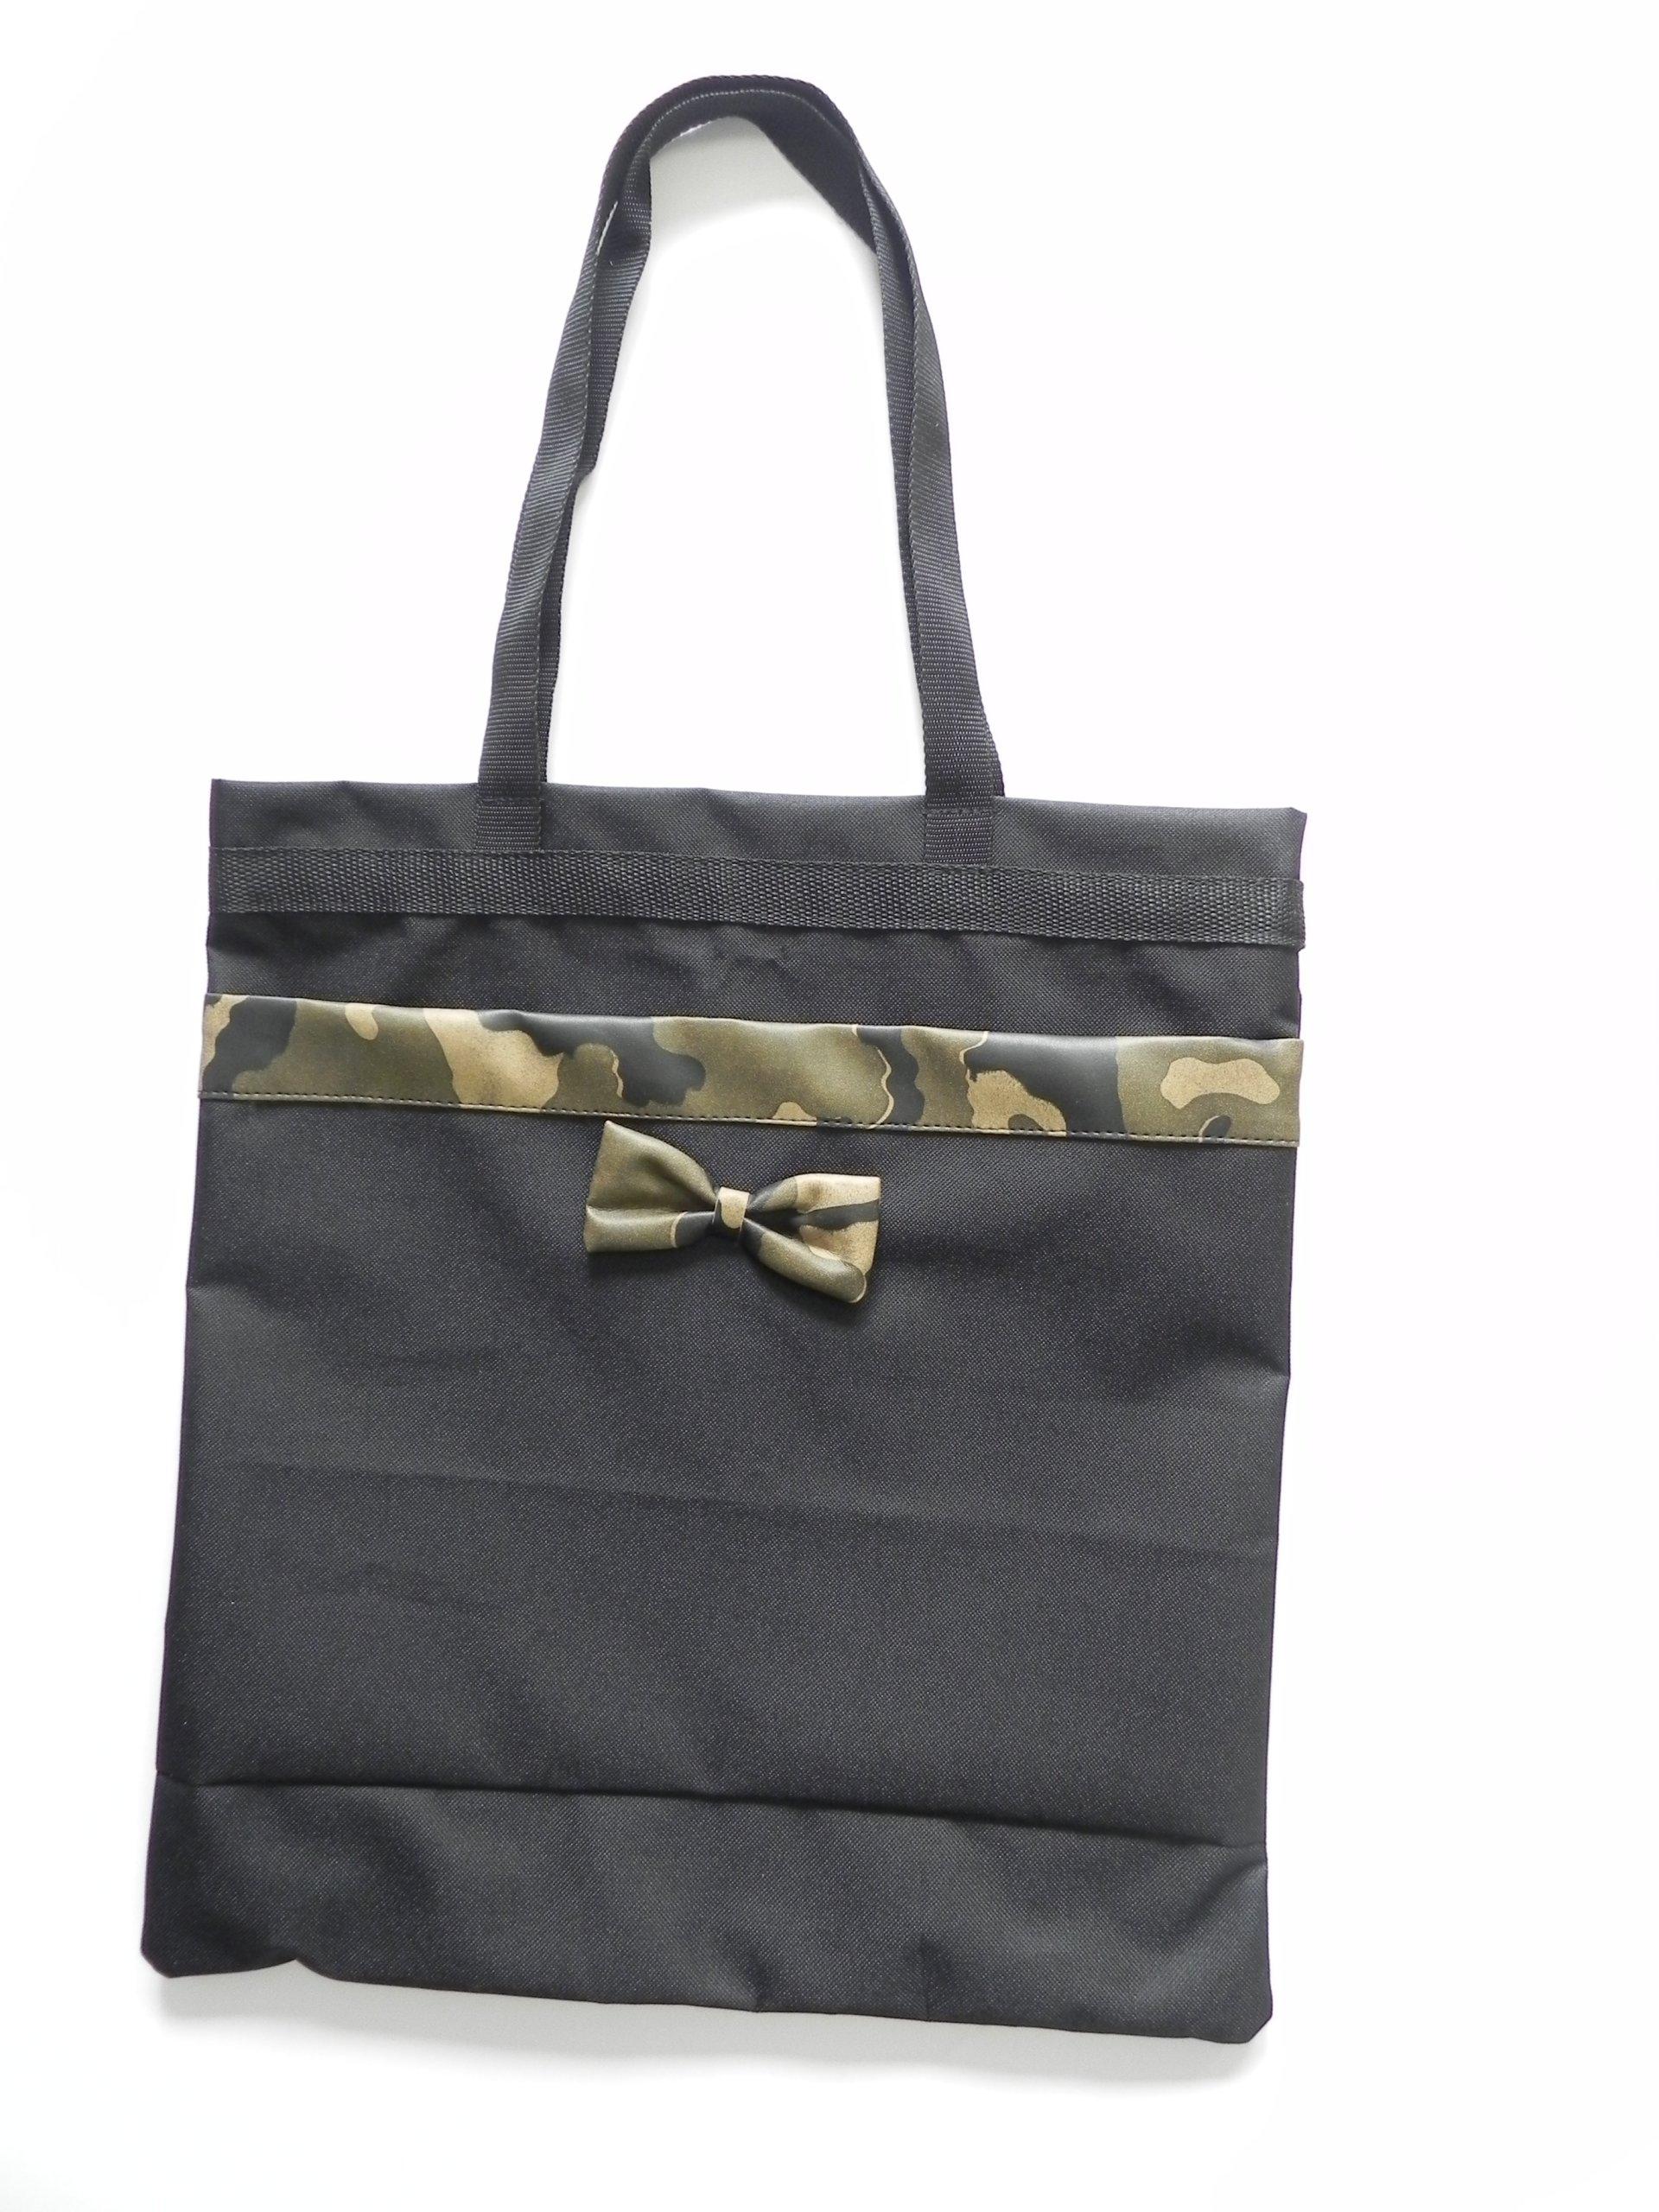 2ff1dc8d36135 torba zakupowa w Oficjalnym Archiwum Allegro - Strona 21 - archiwum ofert